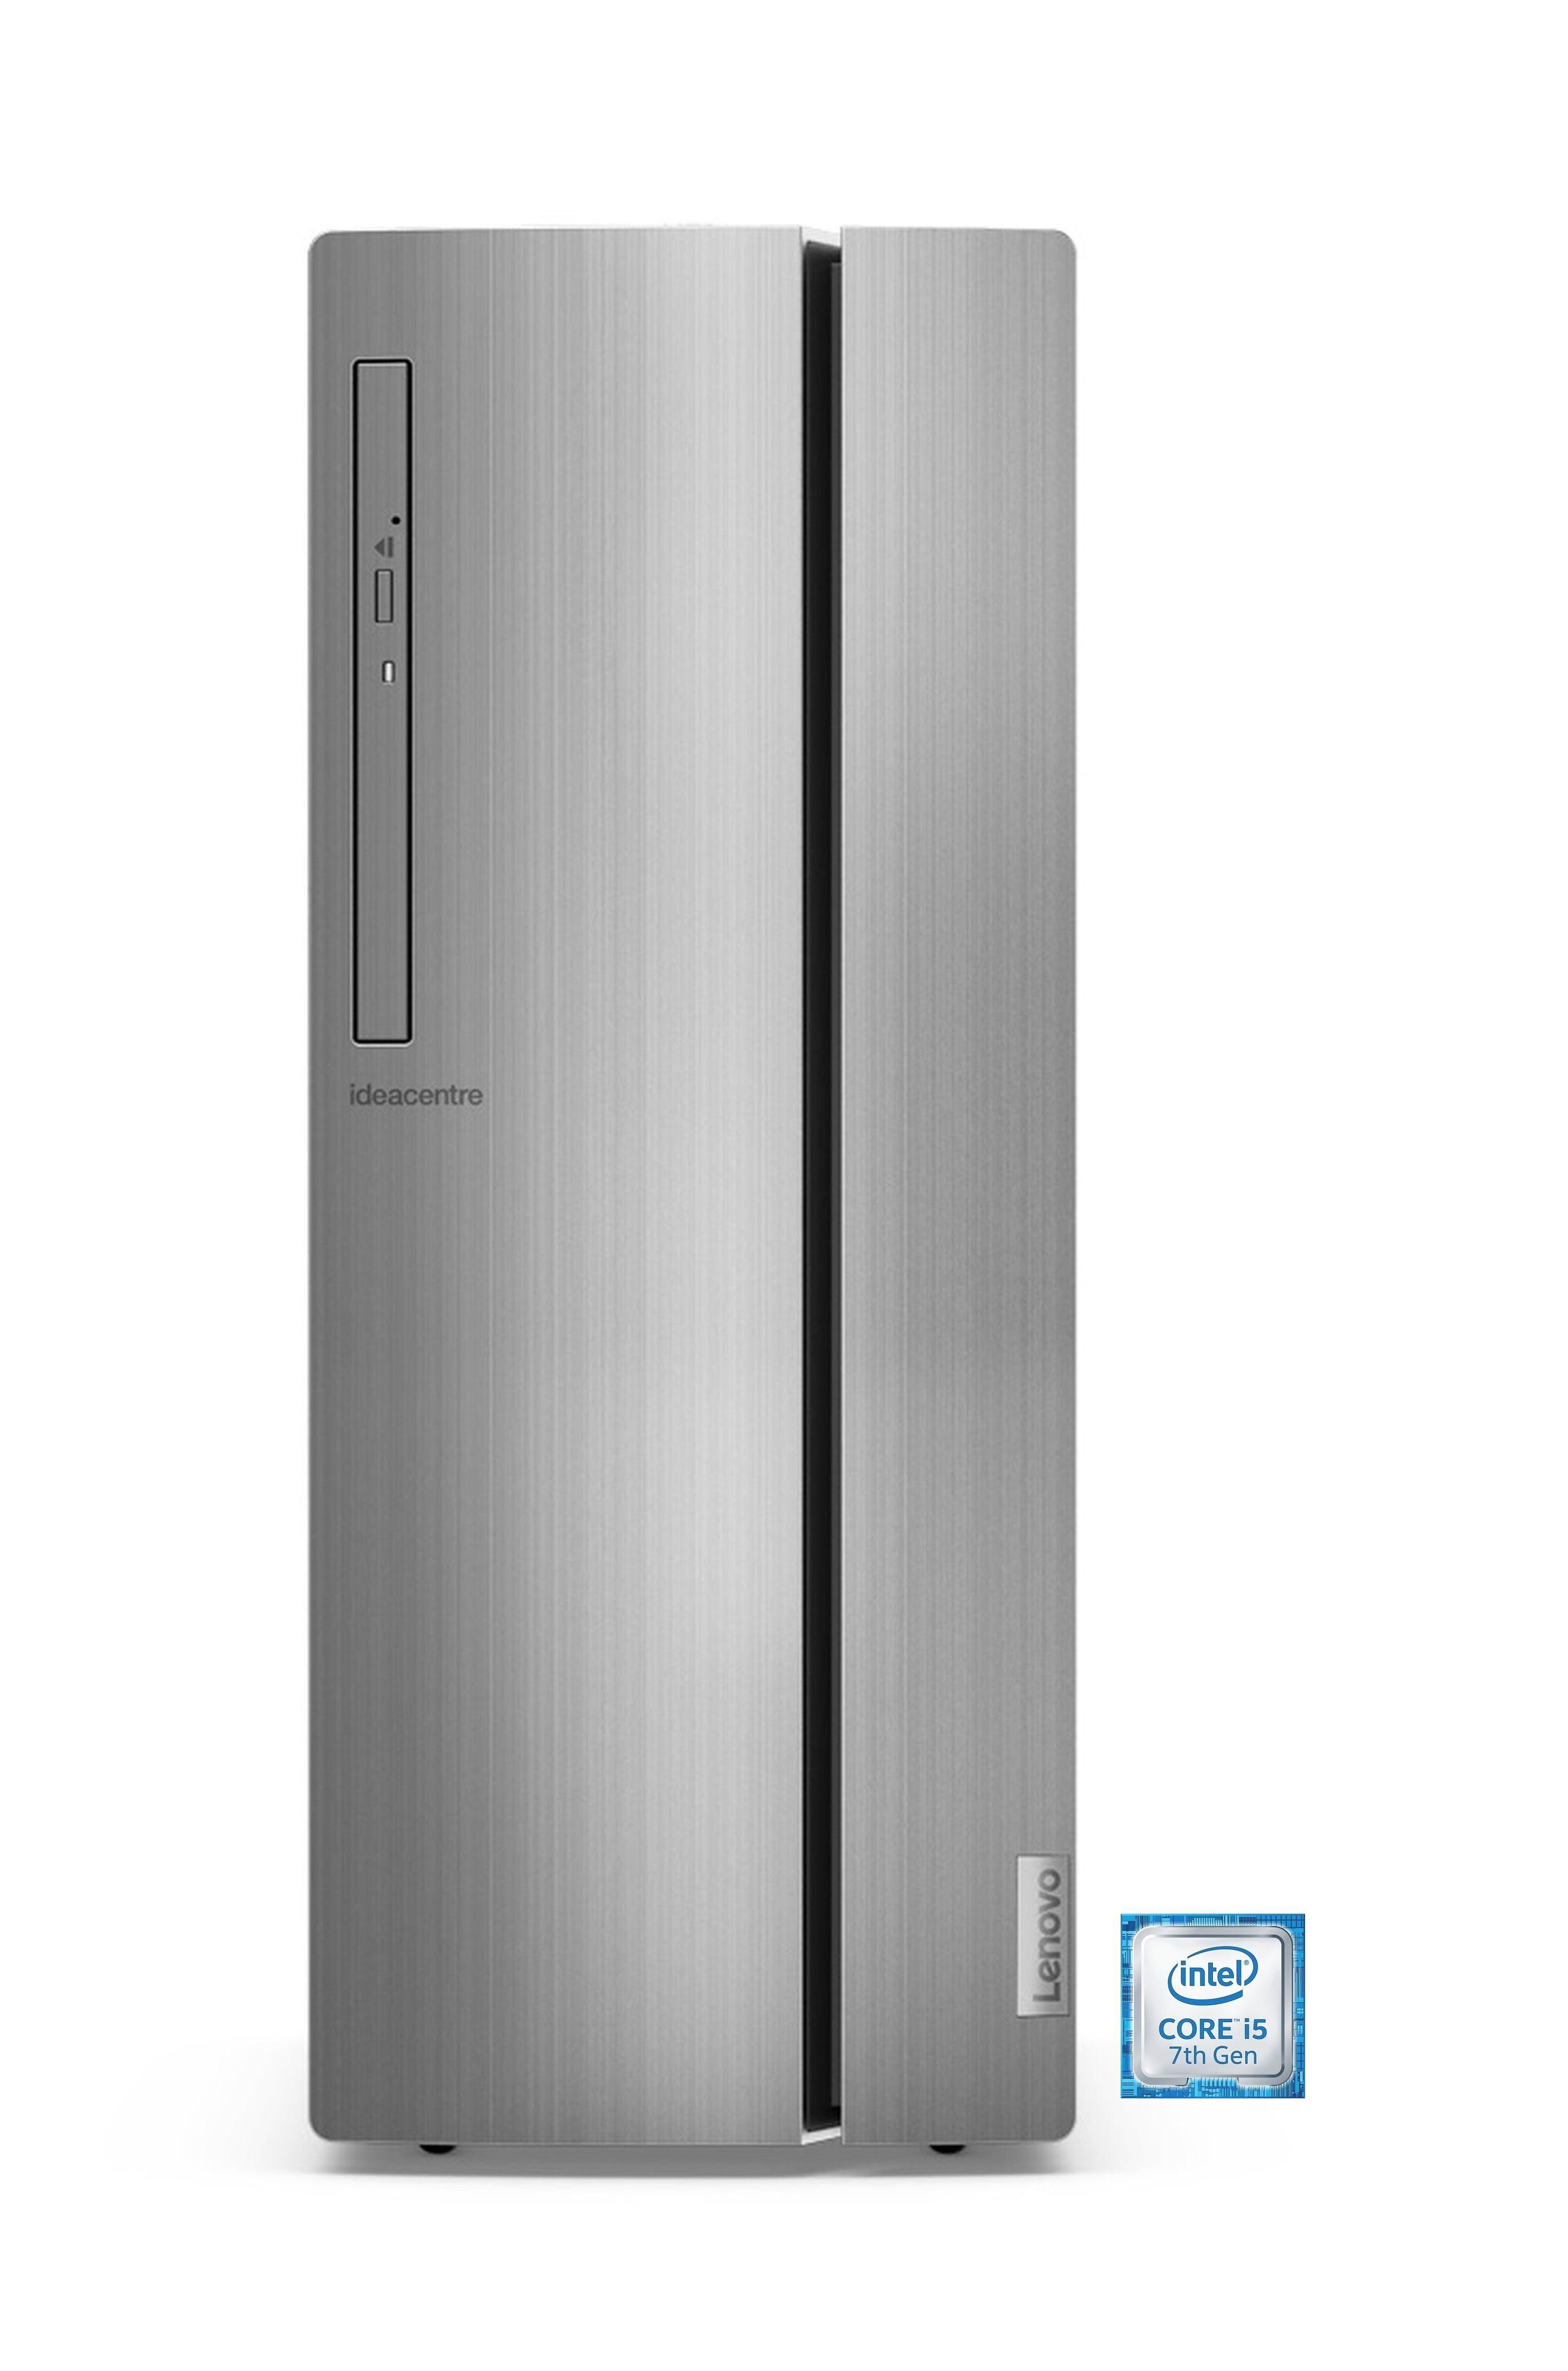 LENOVO Ideacentre 510-15IKL »Intel Core i5, Intel 630, 128GB SSD + 1TB HDD, 8GB«